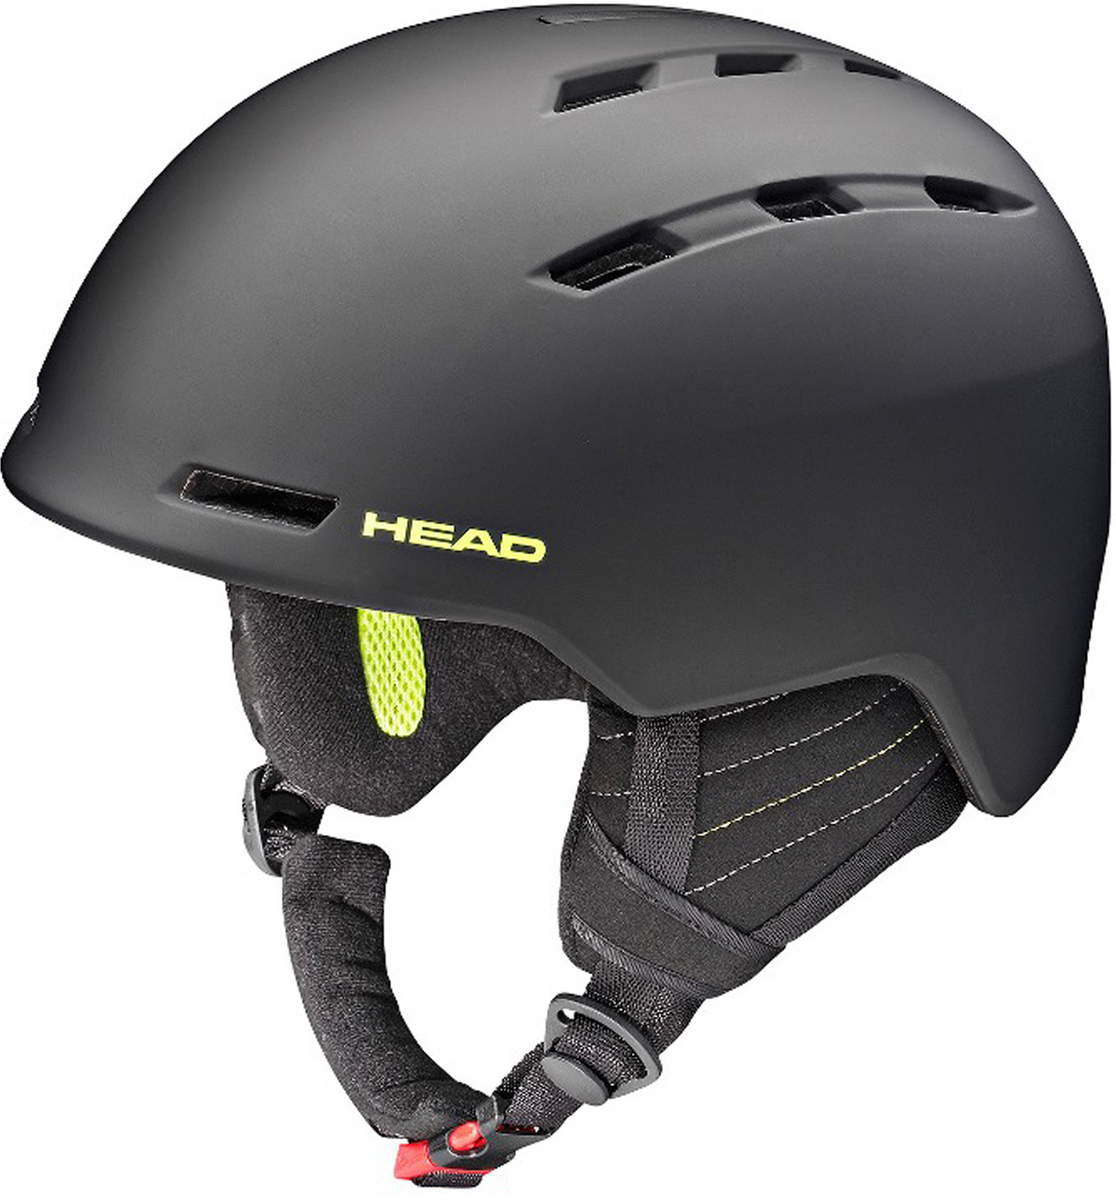 Шлем для горных лыж и сноуборда HEAD Vico. Размер XL/XXL (60-63)324557 (XL/XXL)Бестселлер в коллекции HEAD - шлем для горных лыж и сноуборда Vico. Его отличительная особенность- экстремально малый вес и супер удобная посадка на голове. Построена по ужеизвестной технологии горячей прессовки, имеет отличную вентиляцию попериметру и вентиляцию маски.Особенности:- Облегченный ABS,- Вентиляция Thermal,- Вентиляция маски,- Подкладка из микрофлиса,- Регулировка размера HEAD 3D Fit,- Эргономический воротник с регулировкой положения на шлеме,- Сертификат CE EN 1077:2007 Class B,- Вес: m/l 420 г.